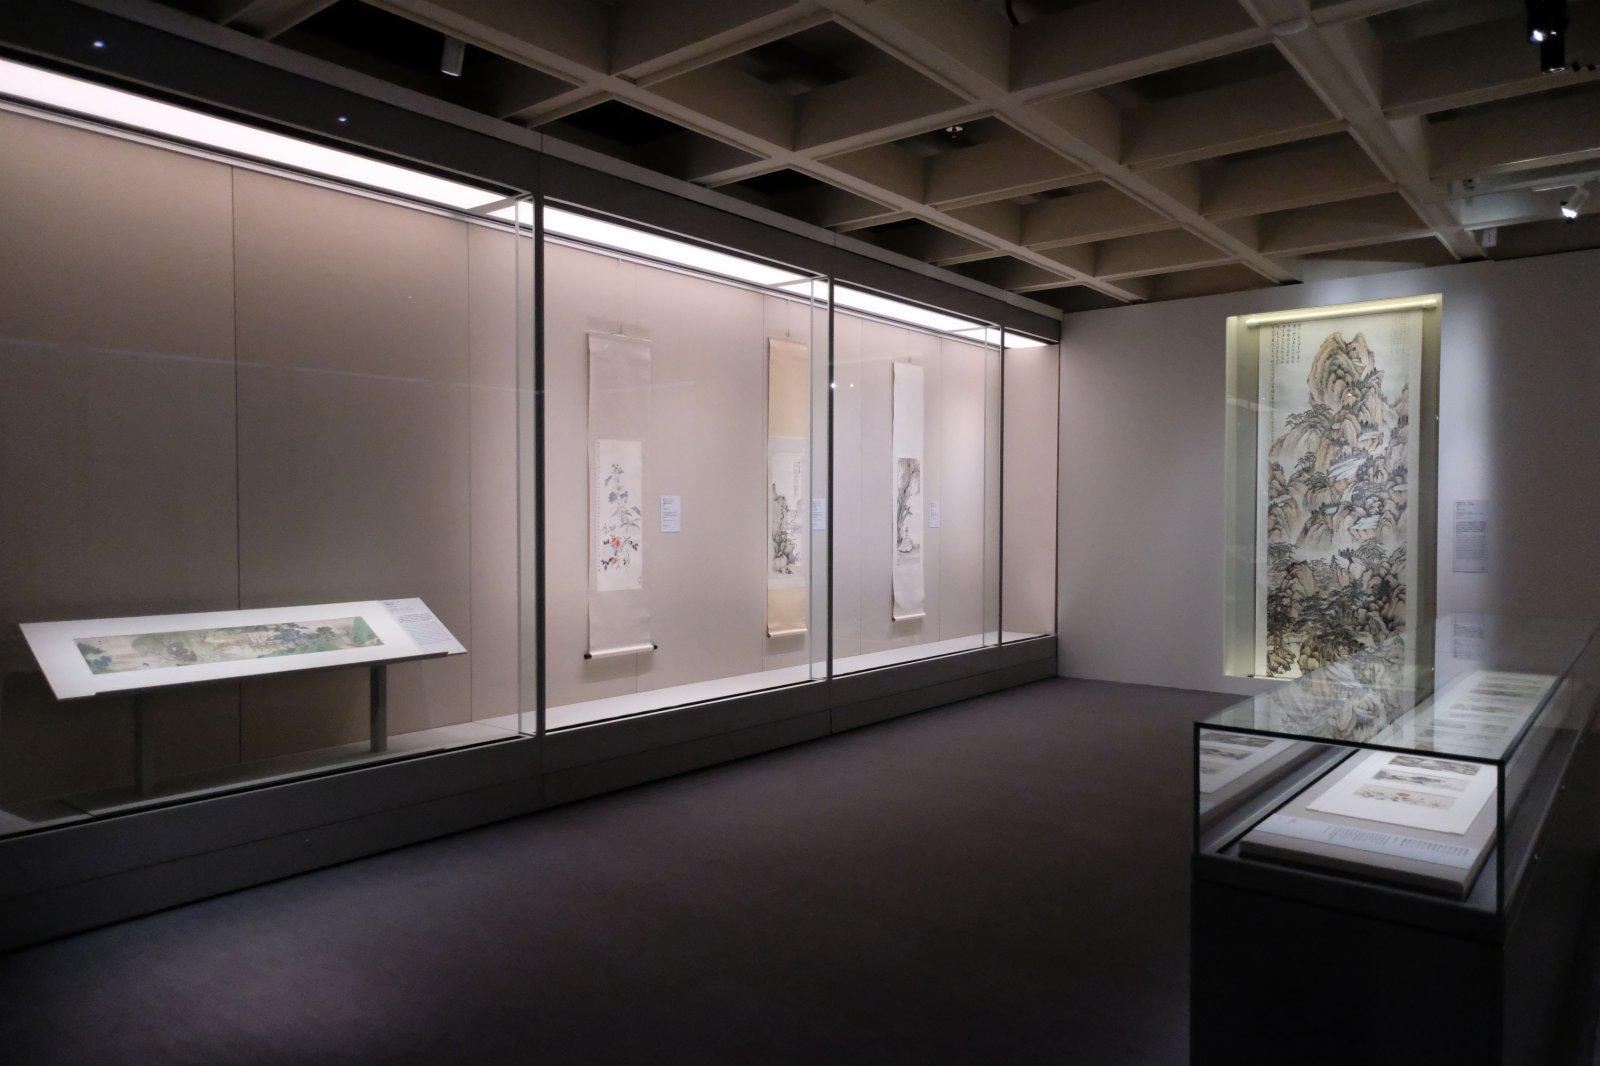 展覽精選80多組由明末清初至20世紀的廣東繪畫作品,反映廣東畫家群體如何在世代更迭的浪潮下,以作品演繹傳統與創新的思想碰撞,共同促成中國畫的現代轉型。(點新聞記者麥鈞傑攝)